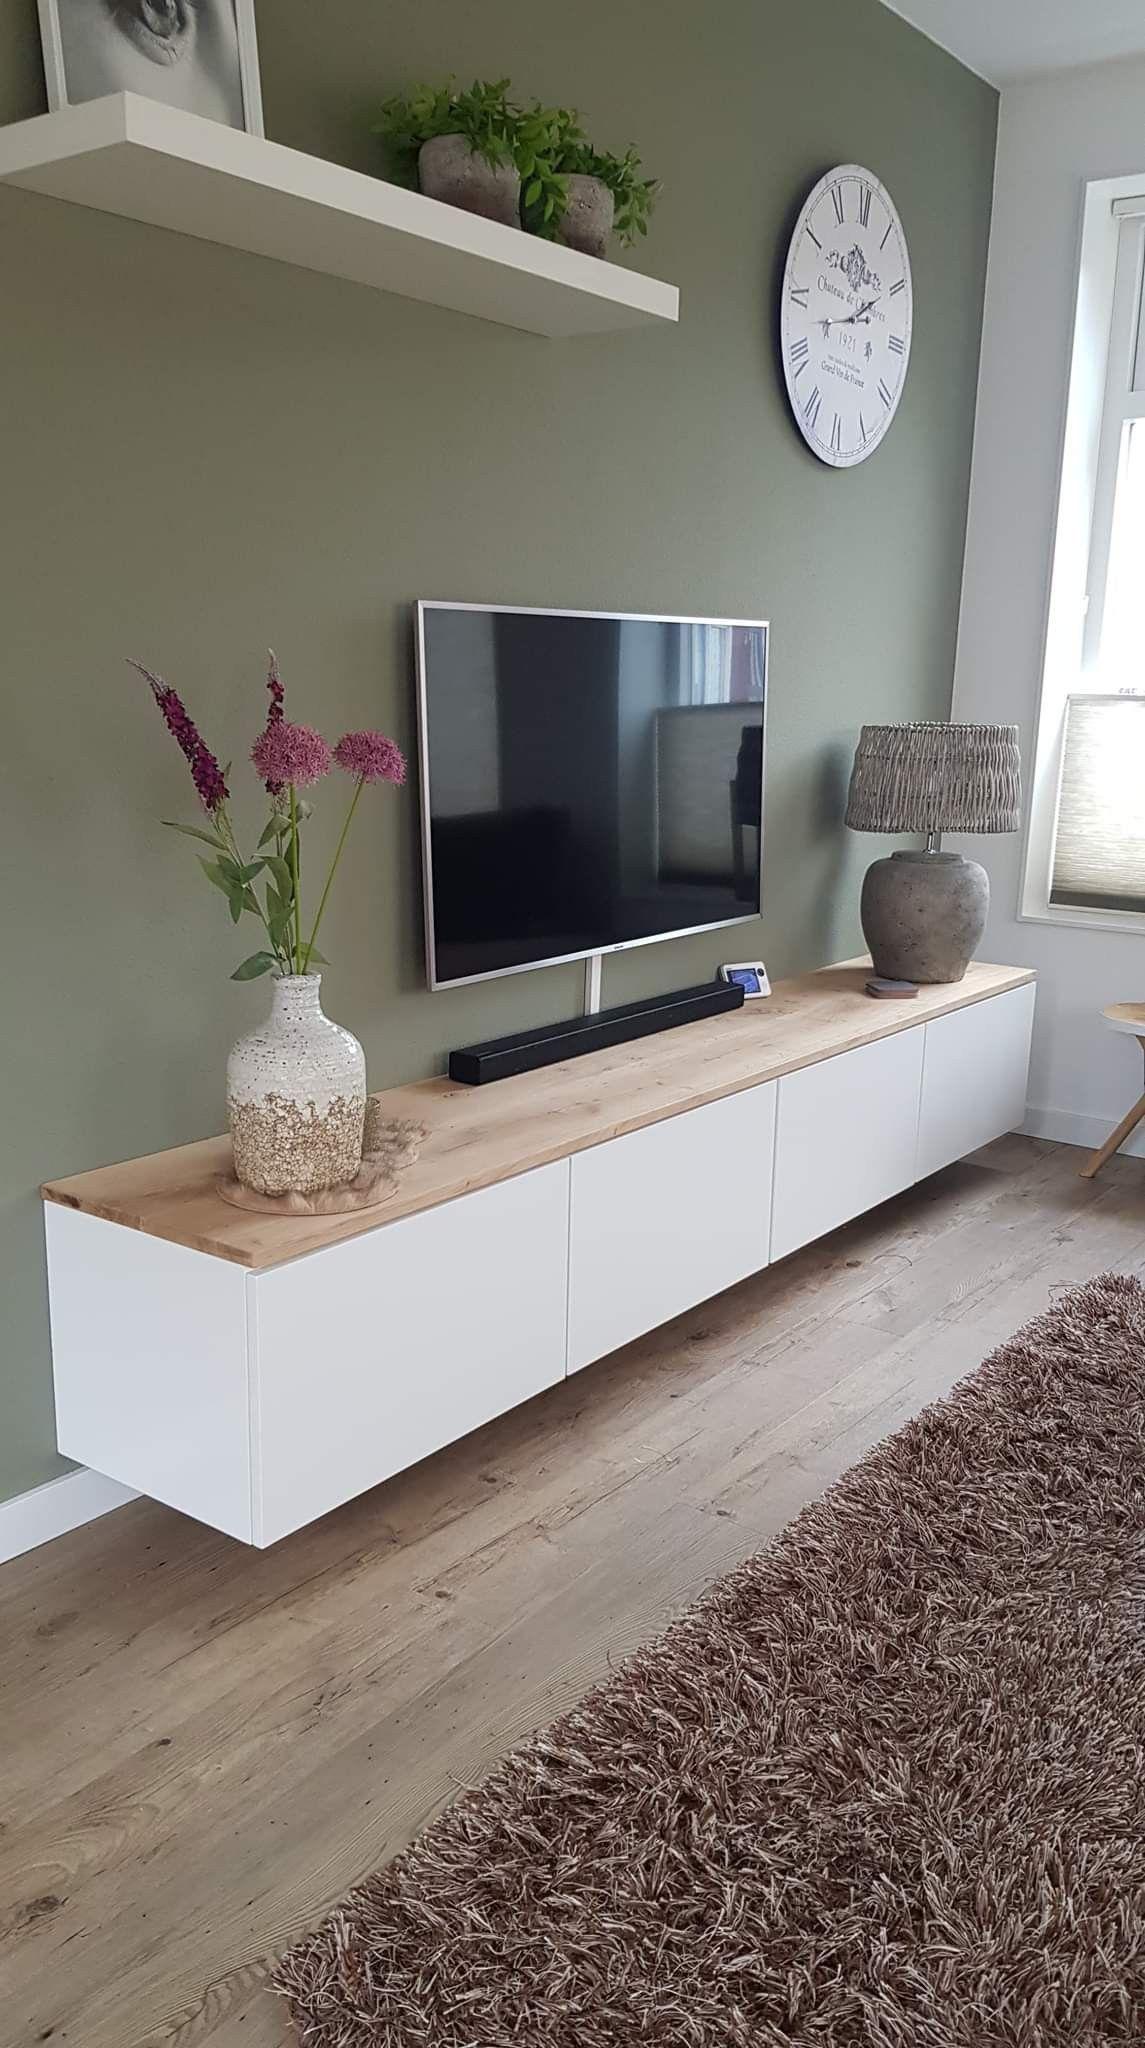 Photo of #decoratie voor slaapkamer #dekoration wohnung #keuken # küche #kamerdecoratie # worden …